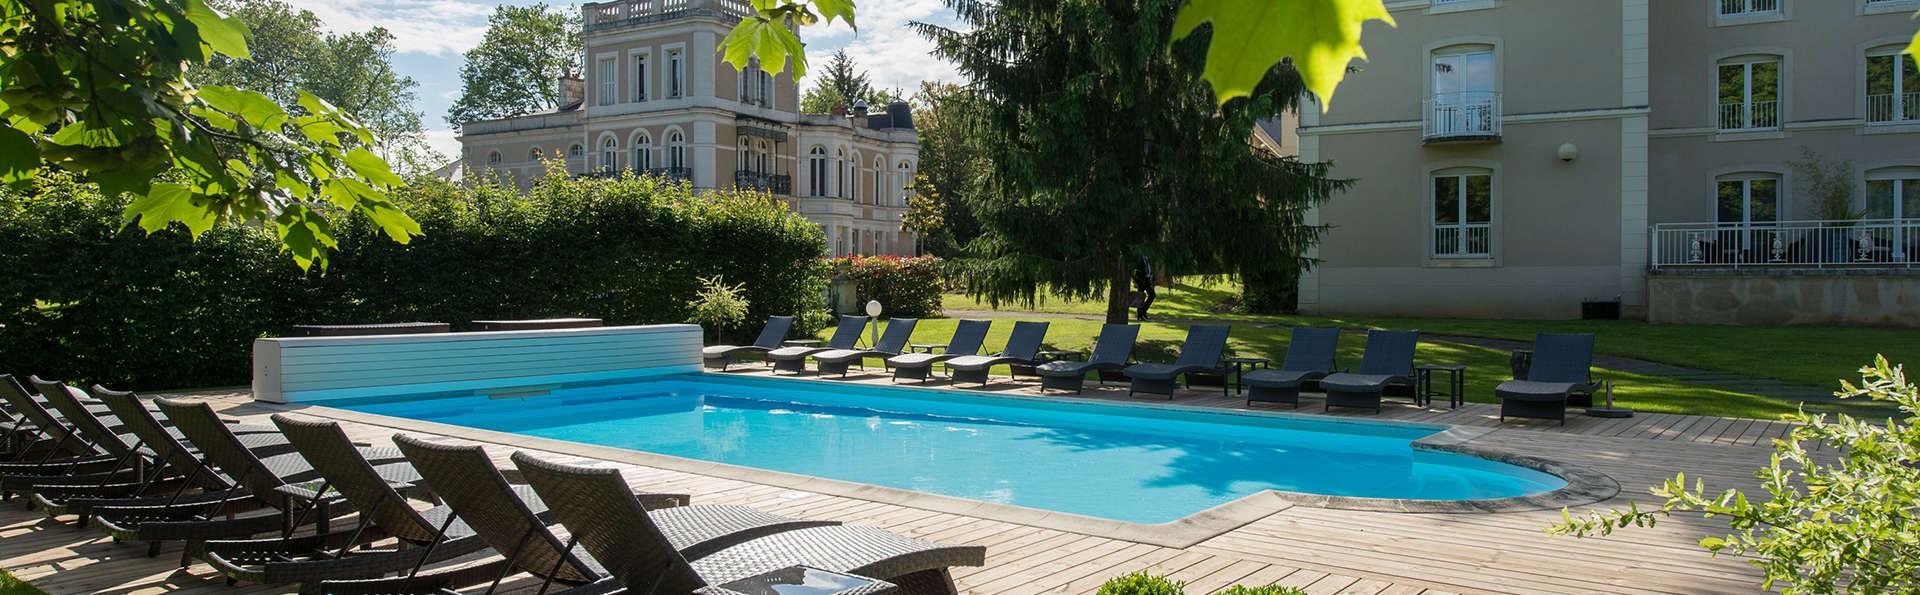 Château du Clos de la Ribaudière  - EDIT_pool.jpg